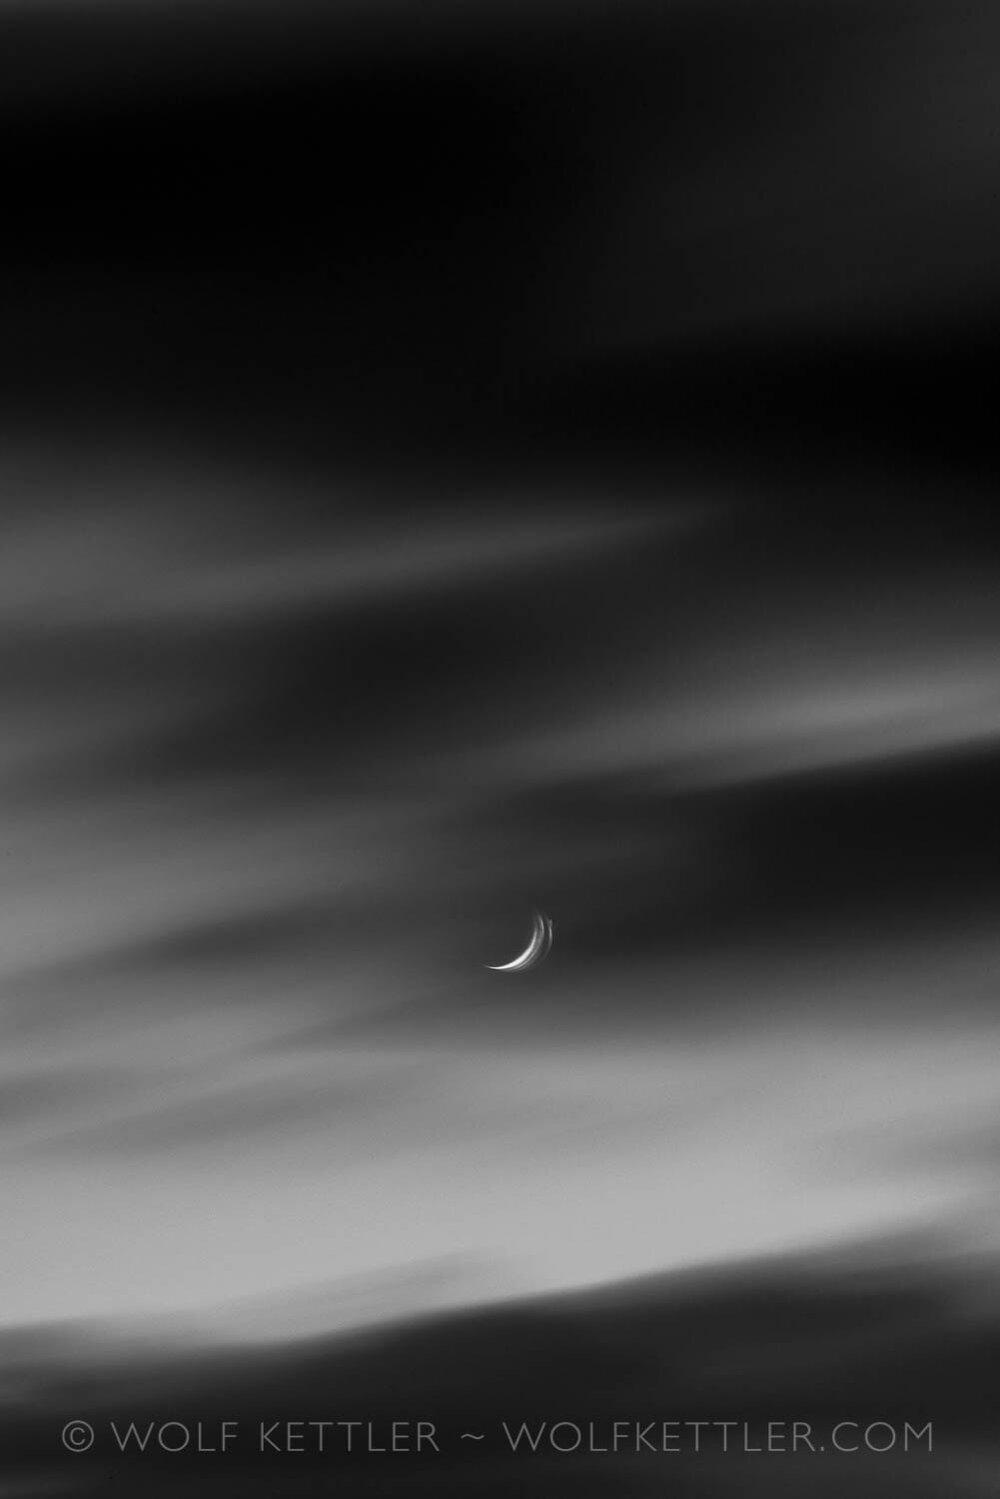 Night Sky No. 48